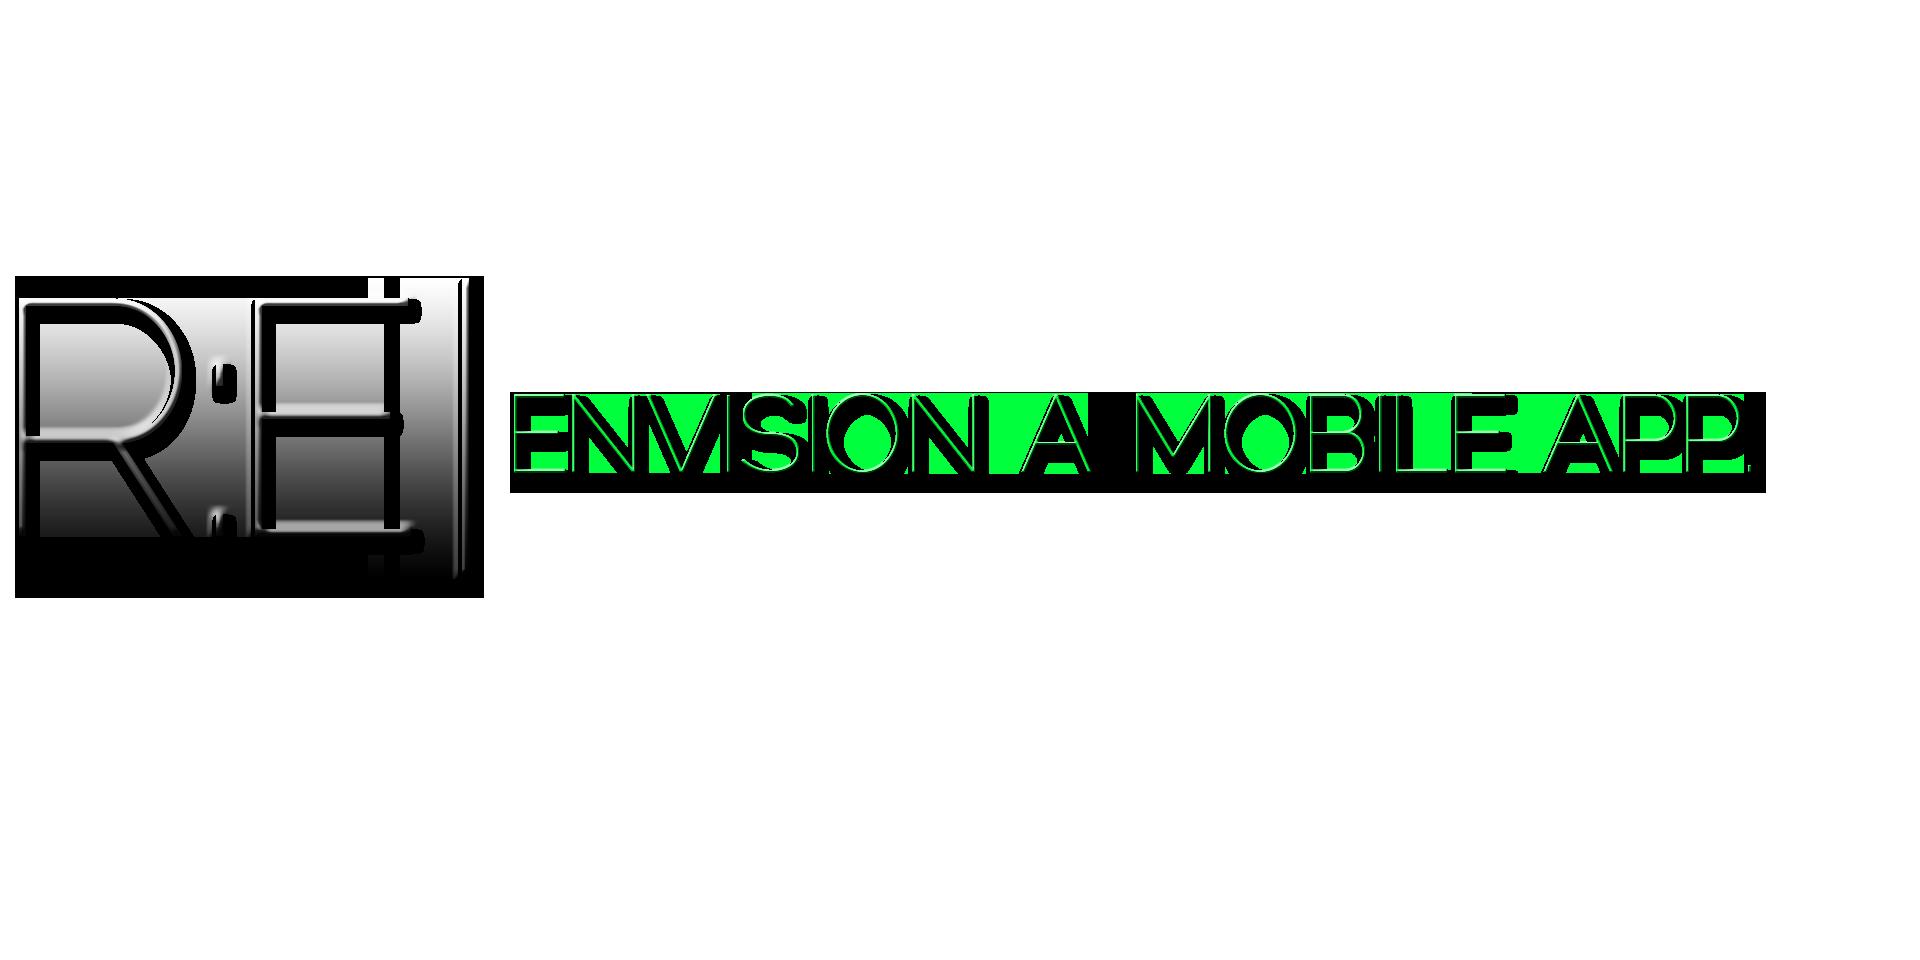 RE | ENVISION A MOBILE APP.